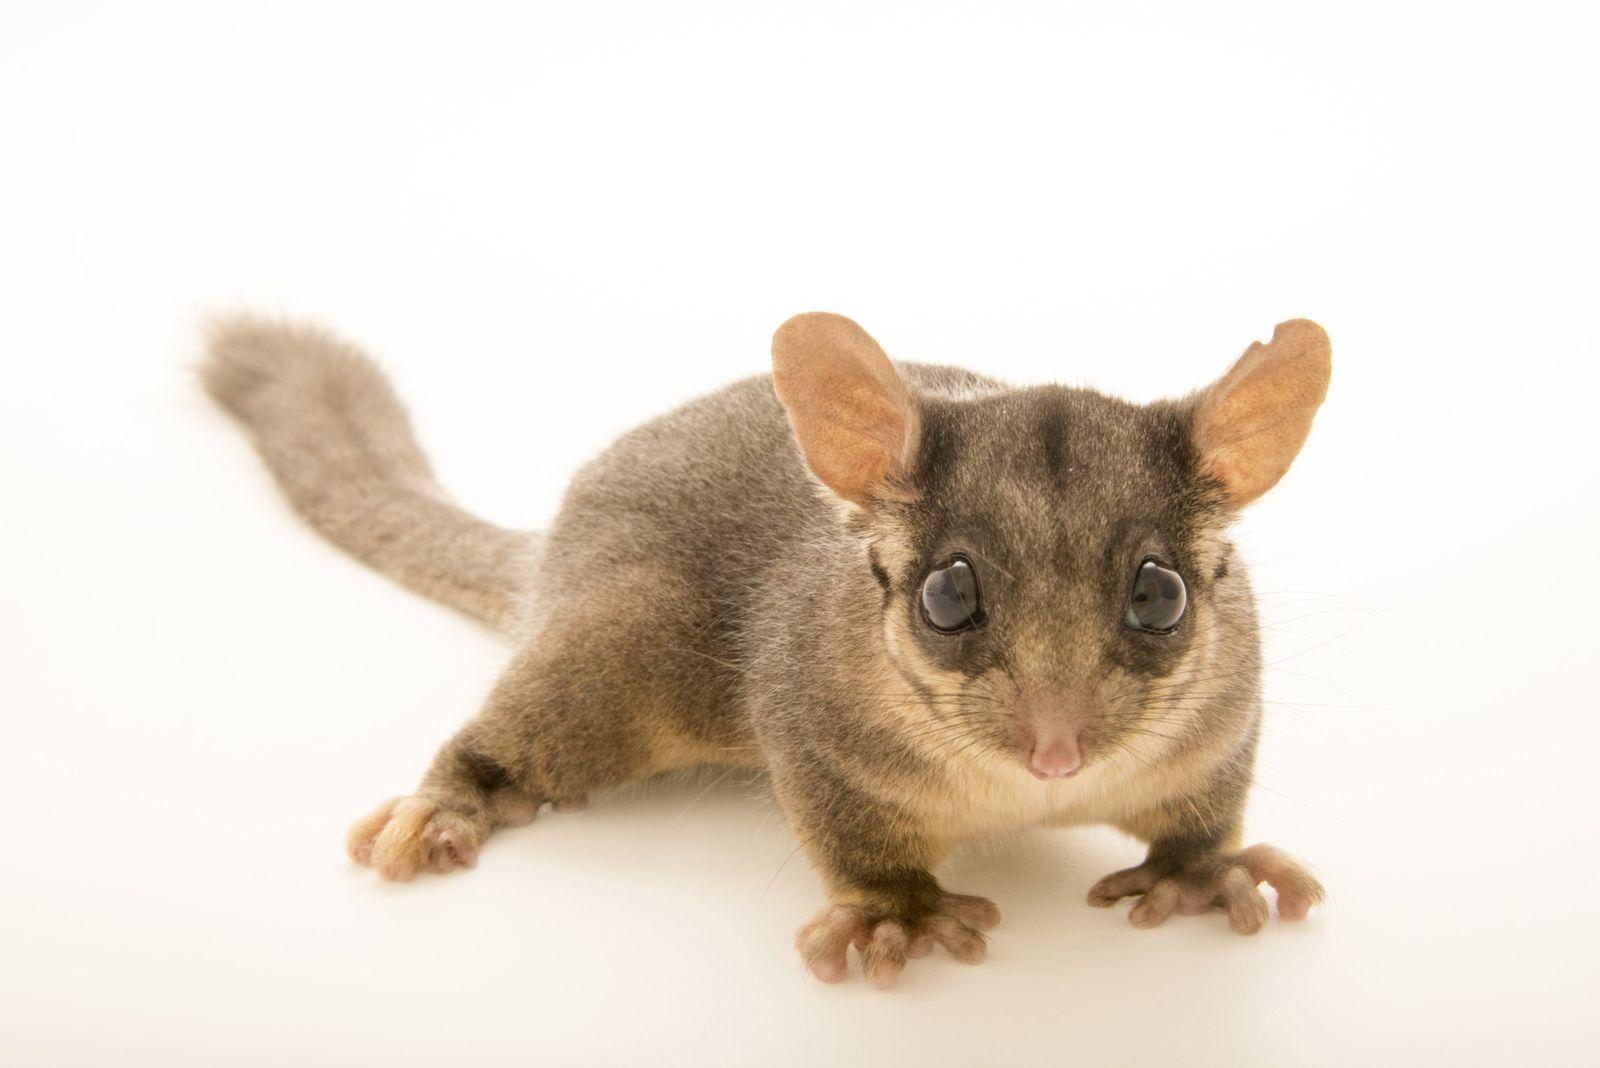 Opossum-de-Leadbeater